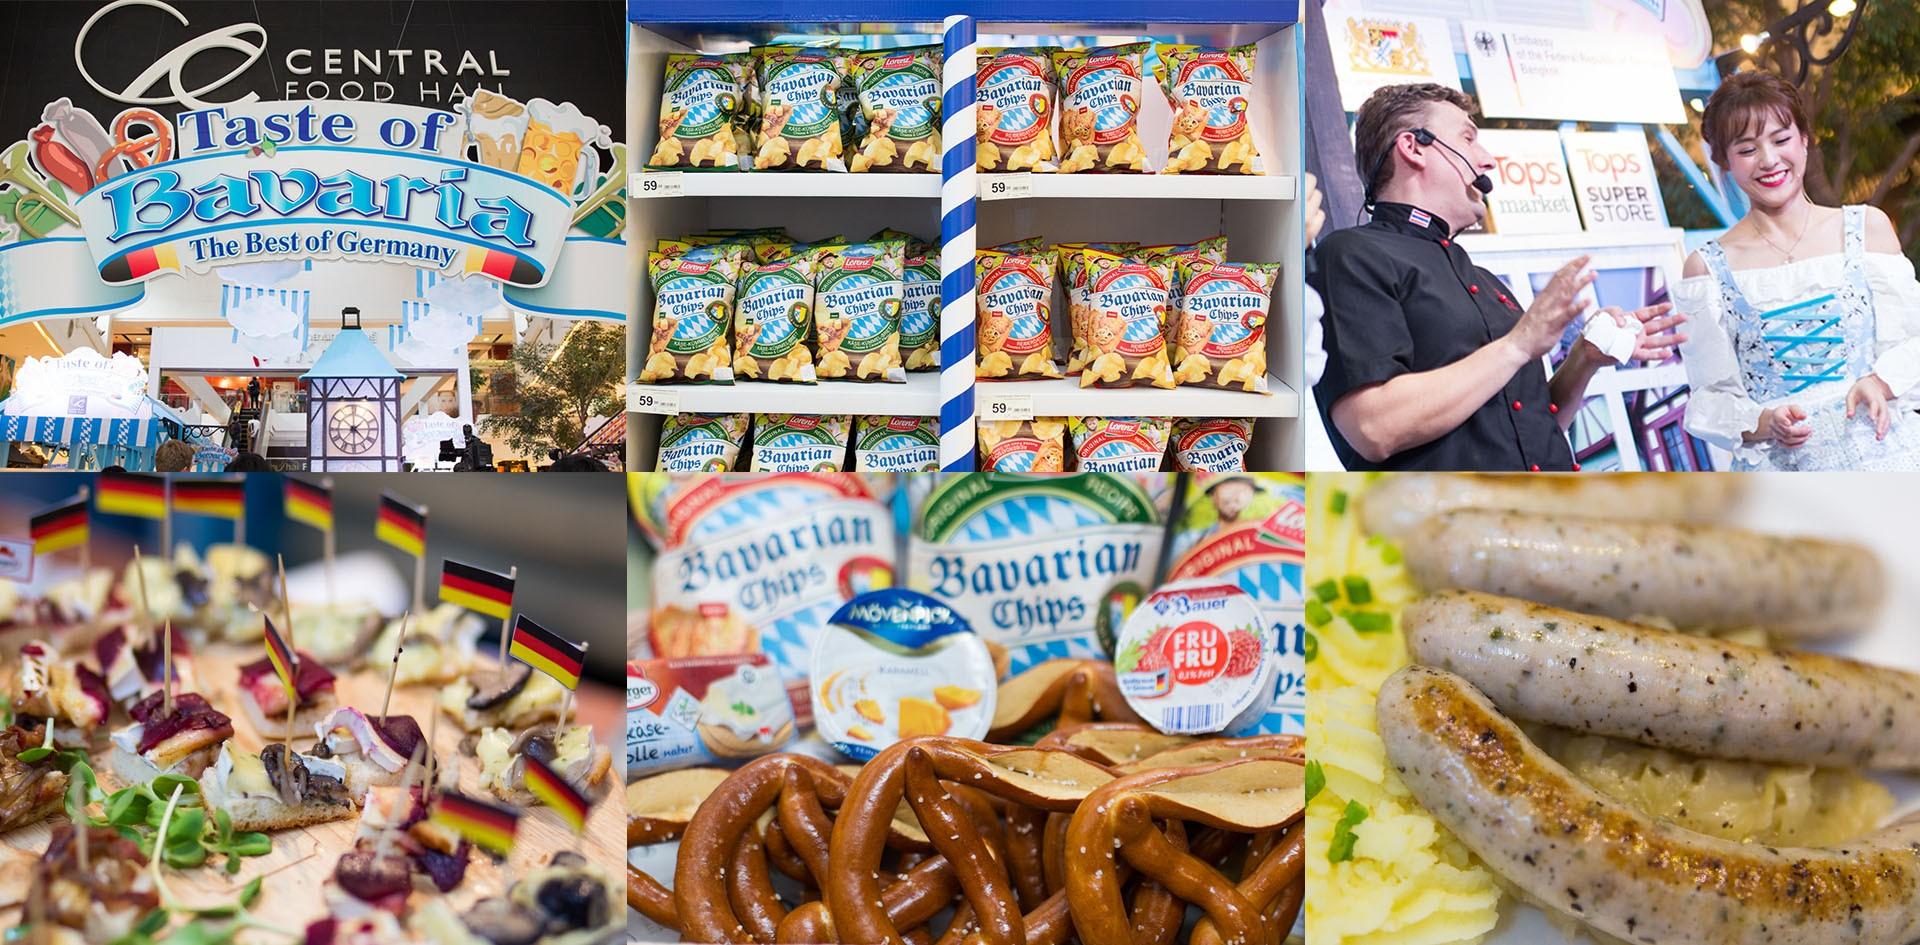 """กินดื่มสไตล์เยอรมันแท้ที่ """"Taste of Bavaria 2016: The Best of Germany"""""""